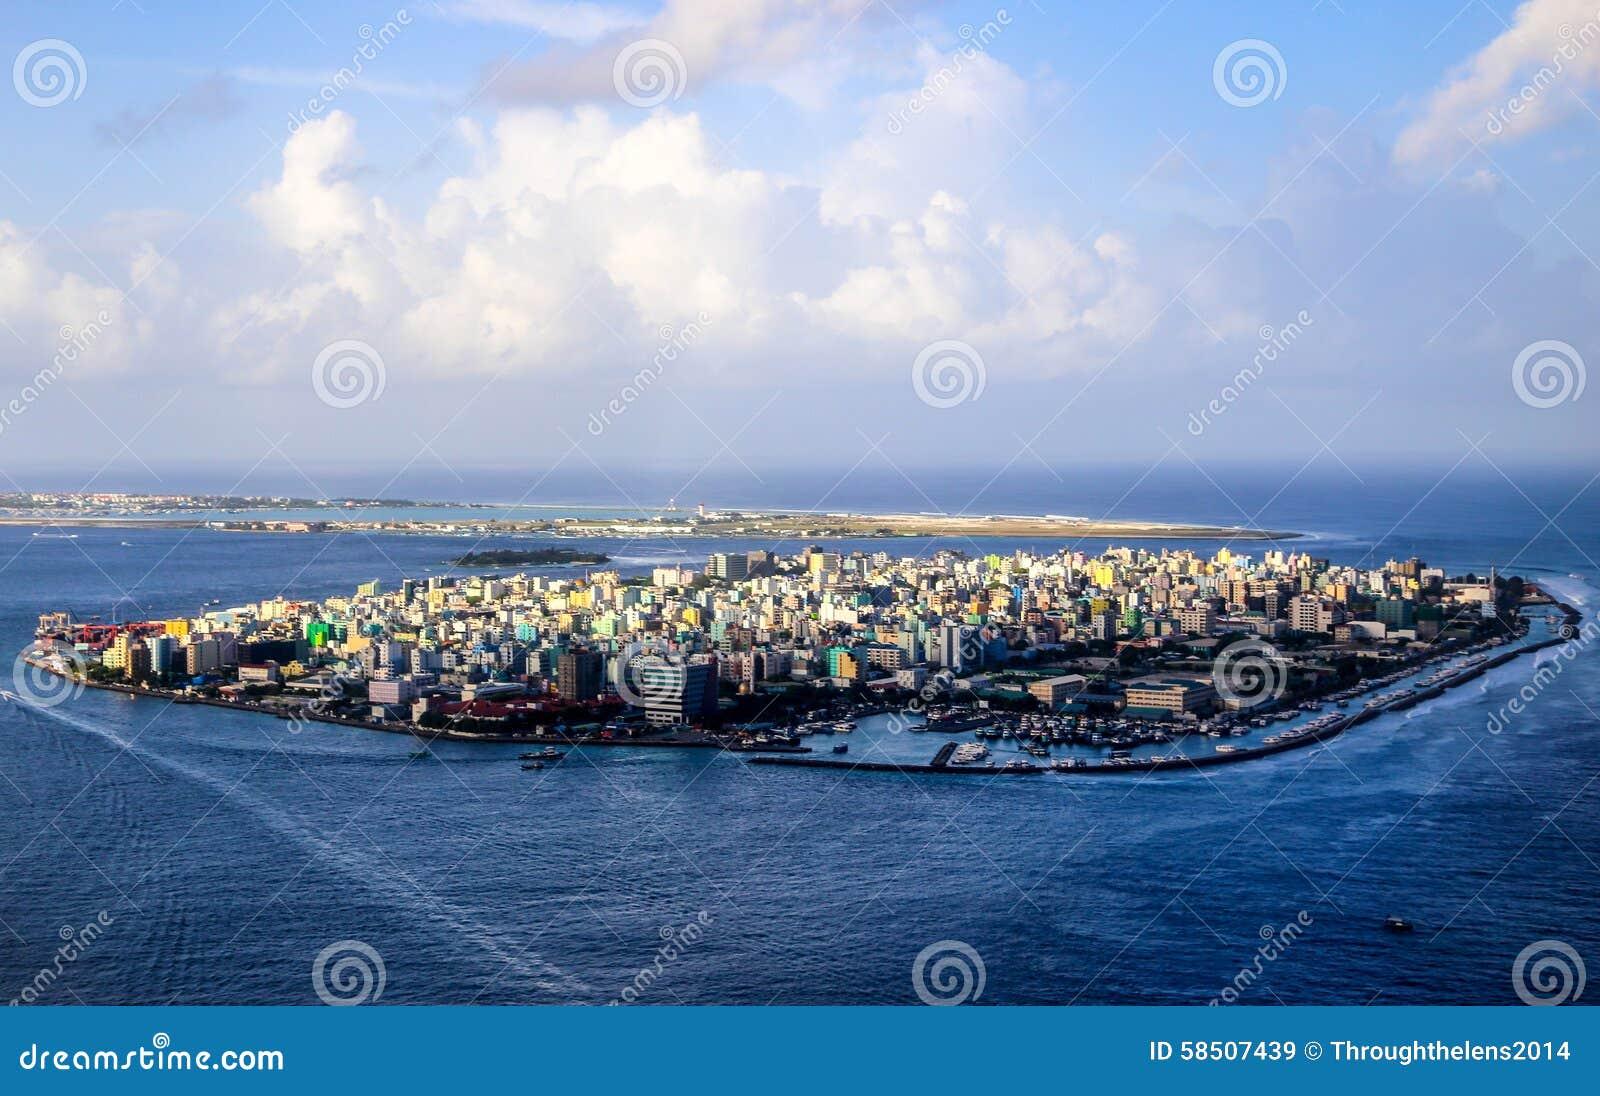 男性,马尔代夫的首都城市